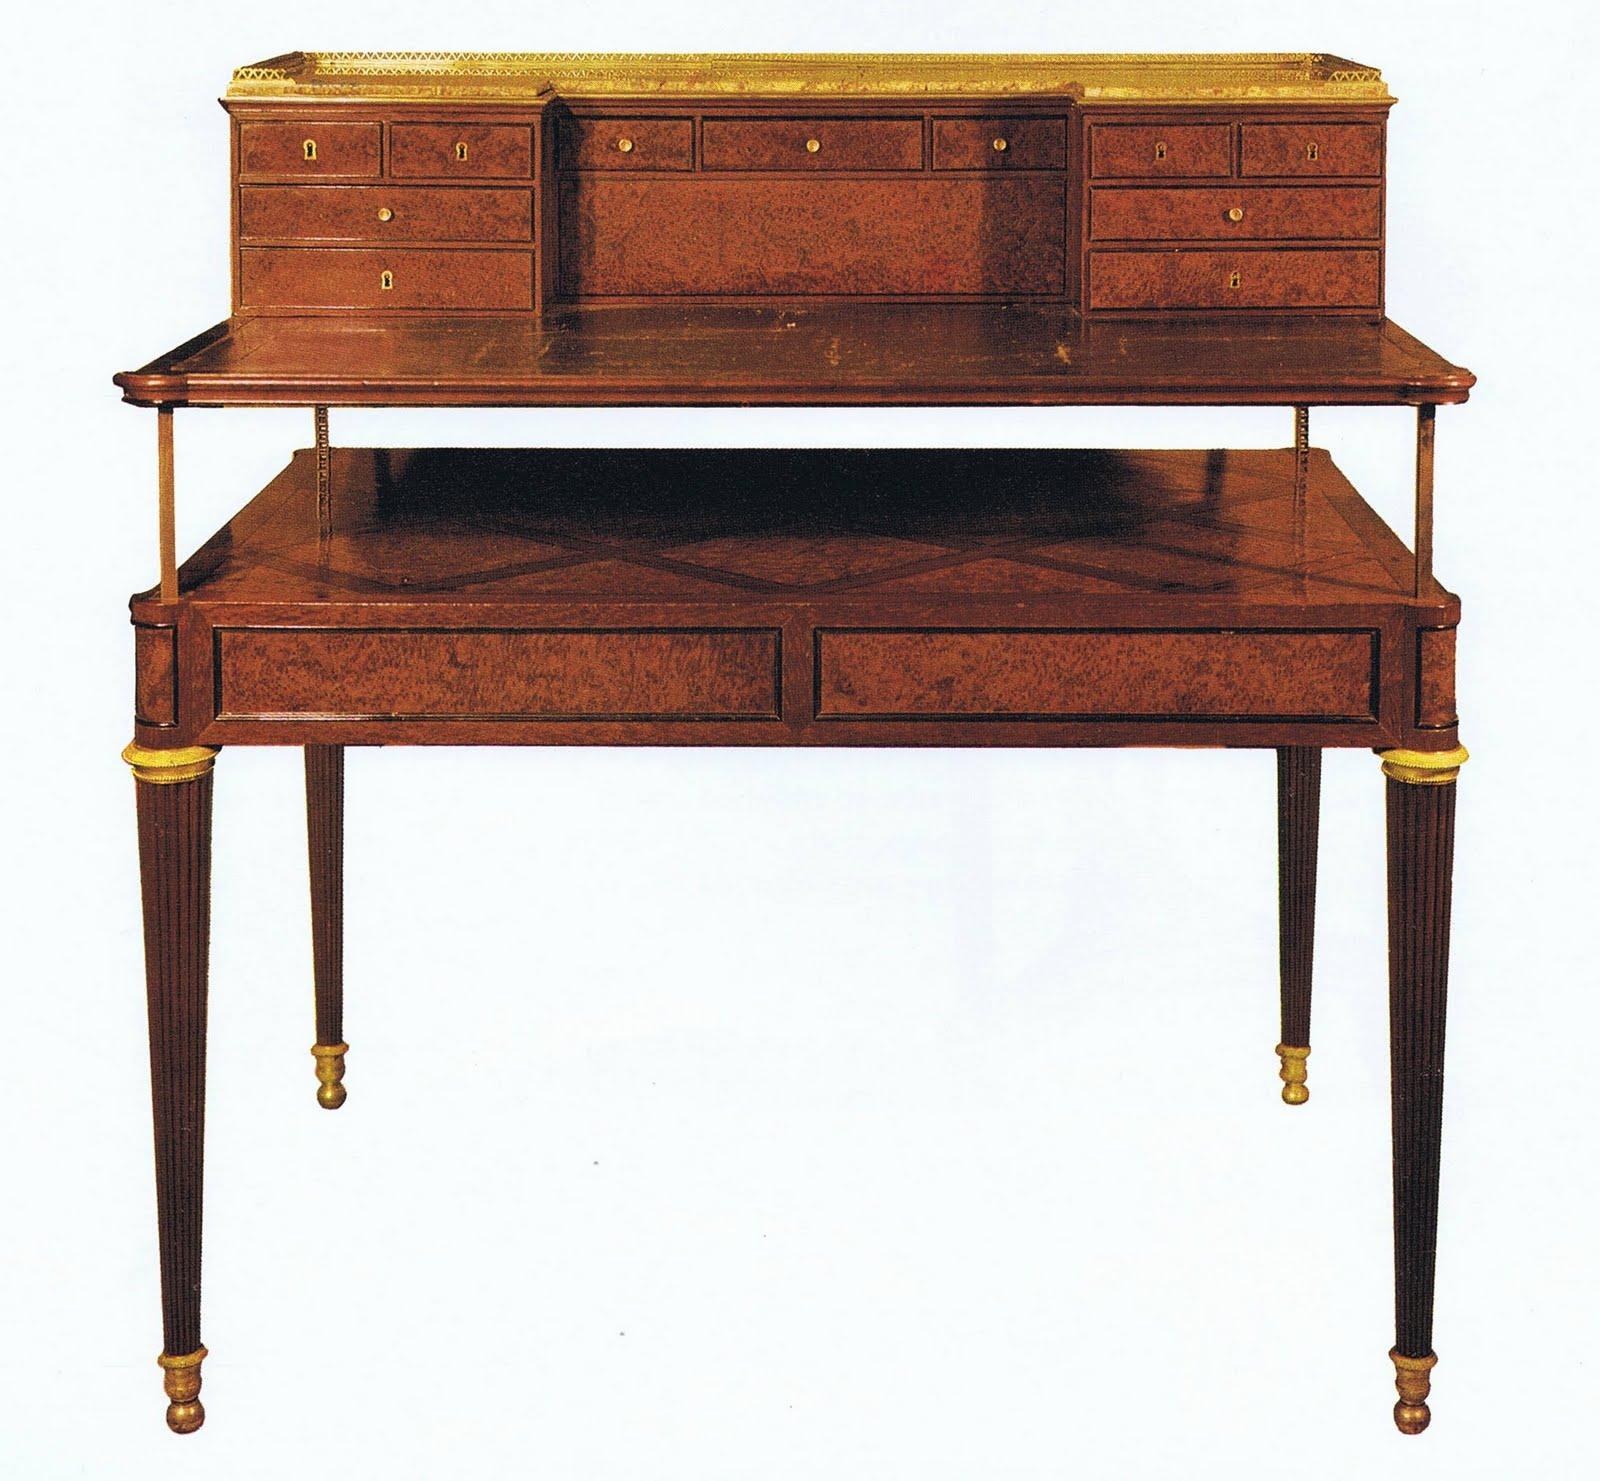 biographies. Black Bedroom Furniture Sets. Home Design Ideas